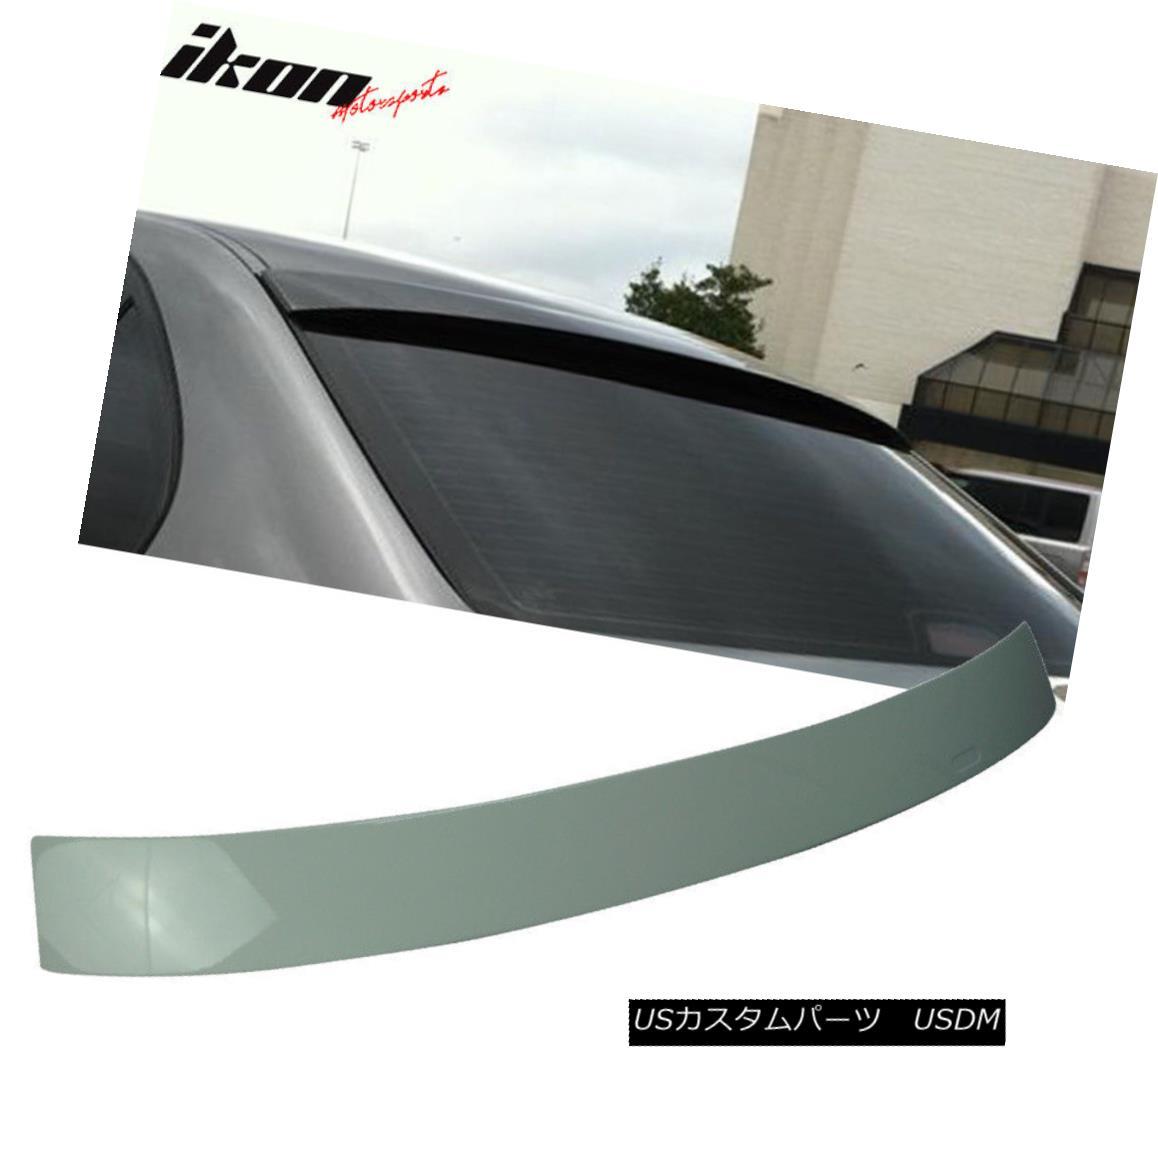 エアロパーツ Fits 97-03 BMW E39 5-Series M5 Roof Spoiler Painted Alpine White III # 300 フィット97-03 BMW E39 5シリーズM5ルーフスポイラー塗装アルパインホワイトIII#300:WORLD倉庫 店